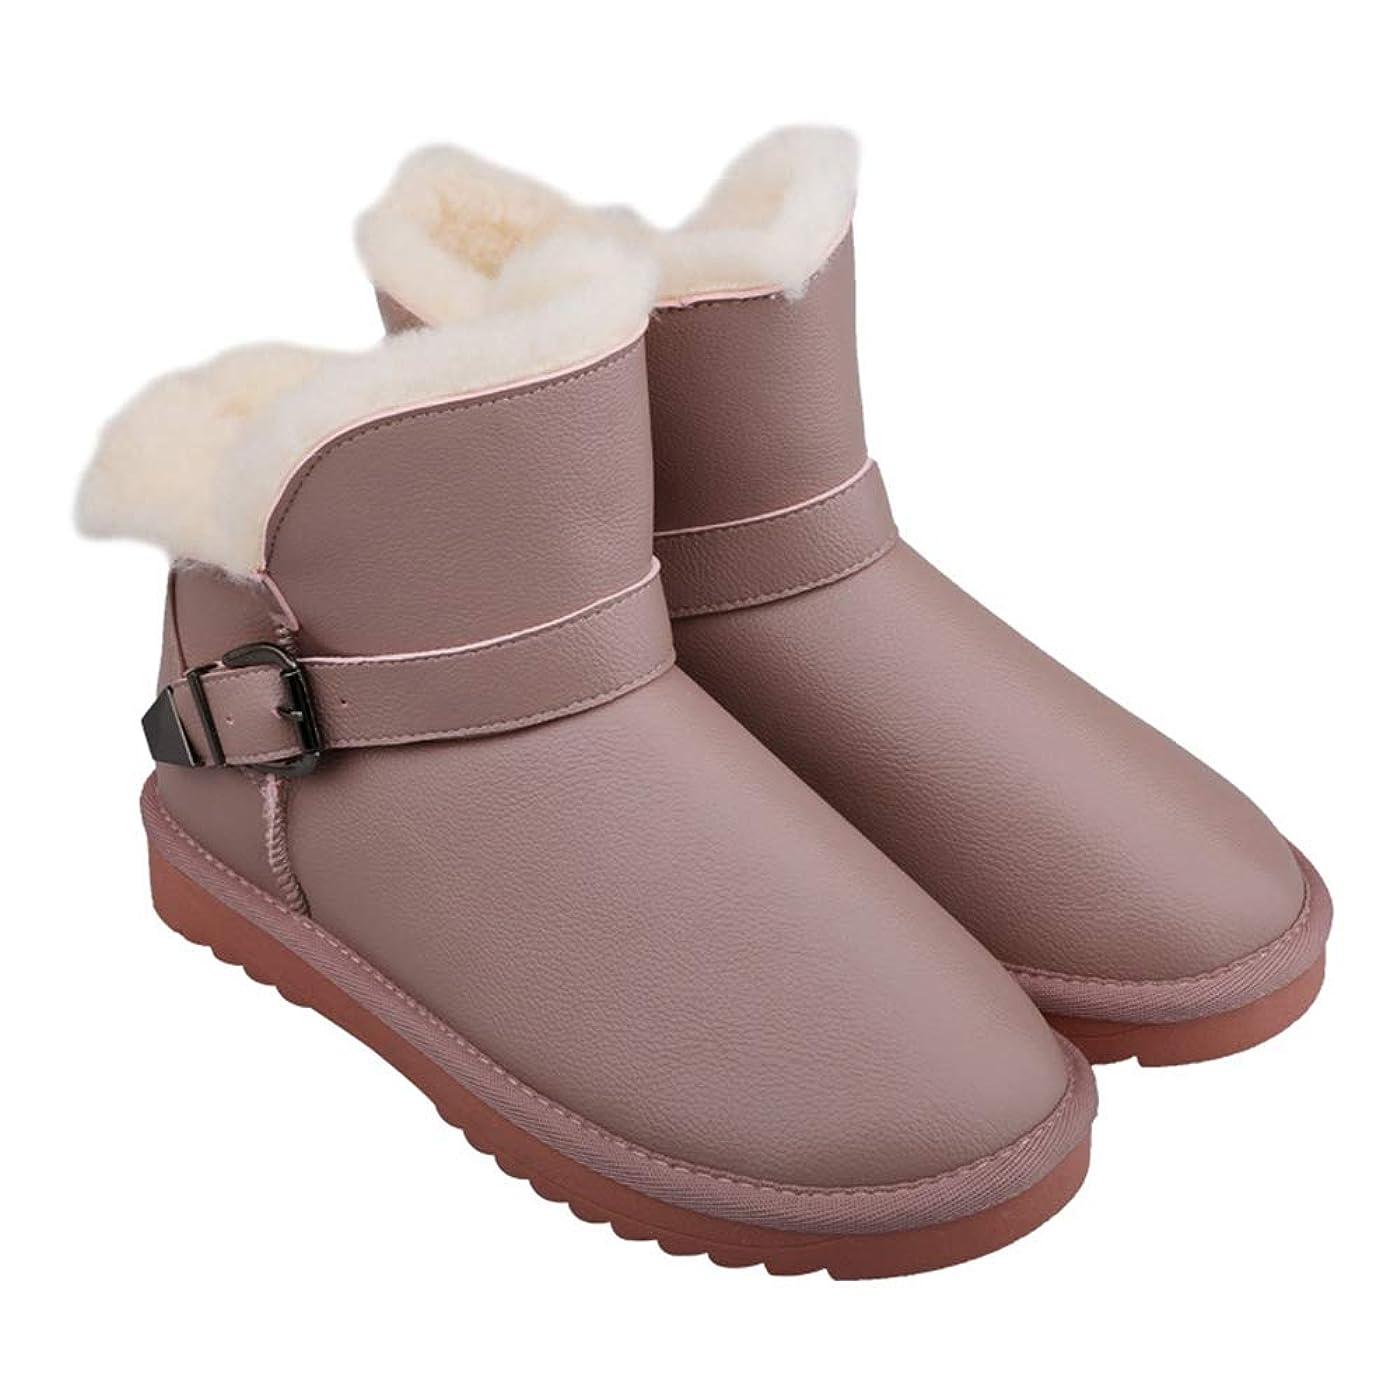 なぜなら造船オピエート[モリケイ] ムートンブーツ ベルト ガールズ 防寒 ブーツ 靴 スノーブーツ ジュニア 冬 暖かい ムートンブーツ ベルト 防寒 ブーツ スノーブーツ ジュニア 冬 暖かい